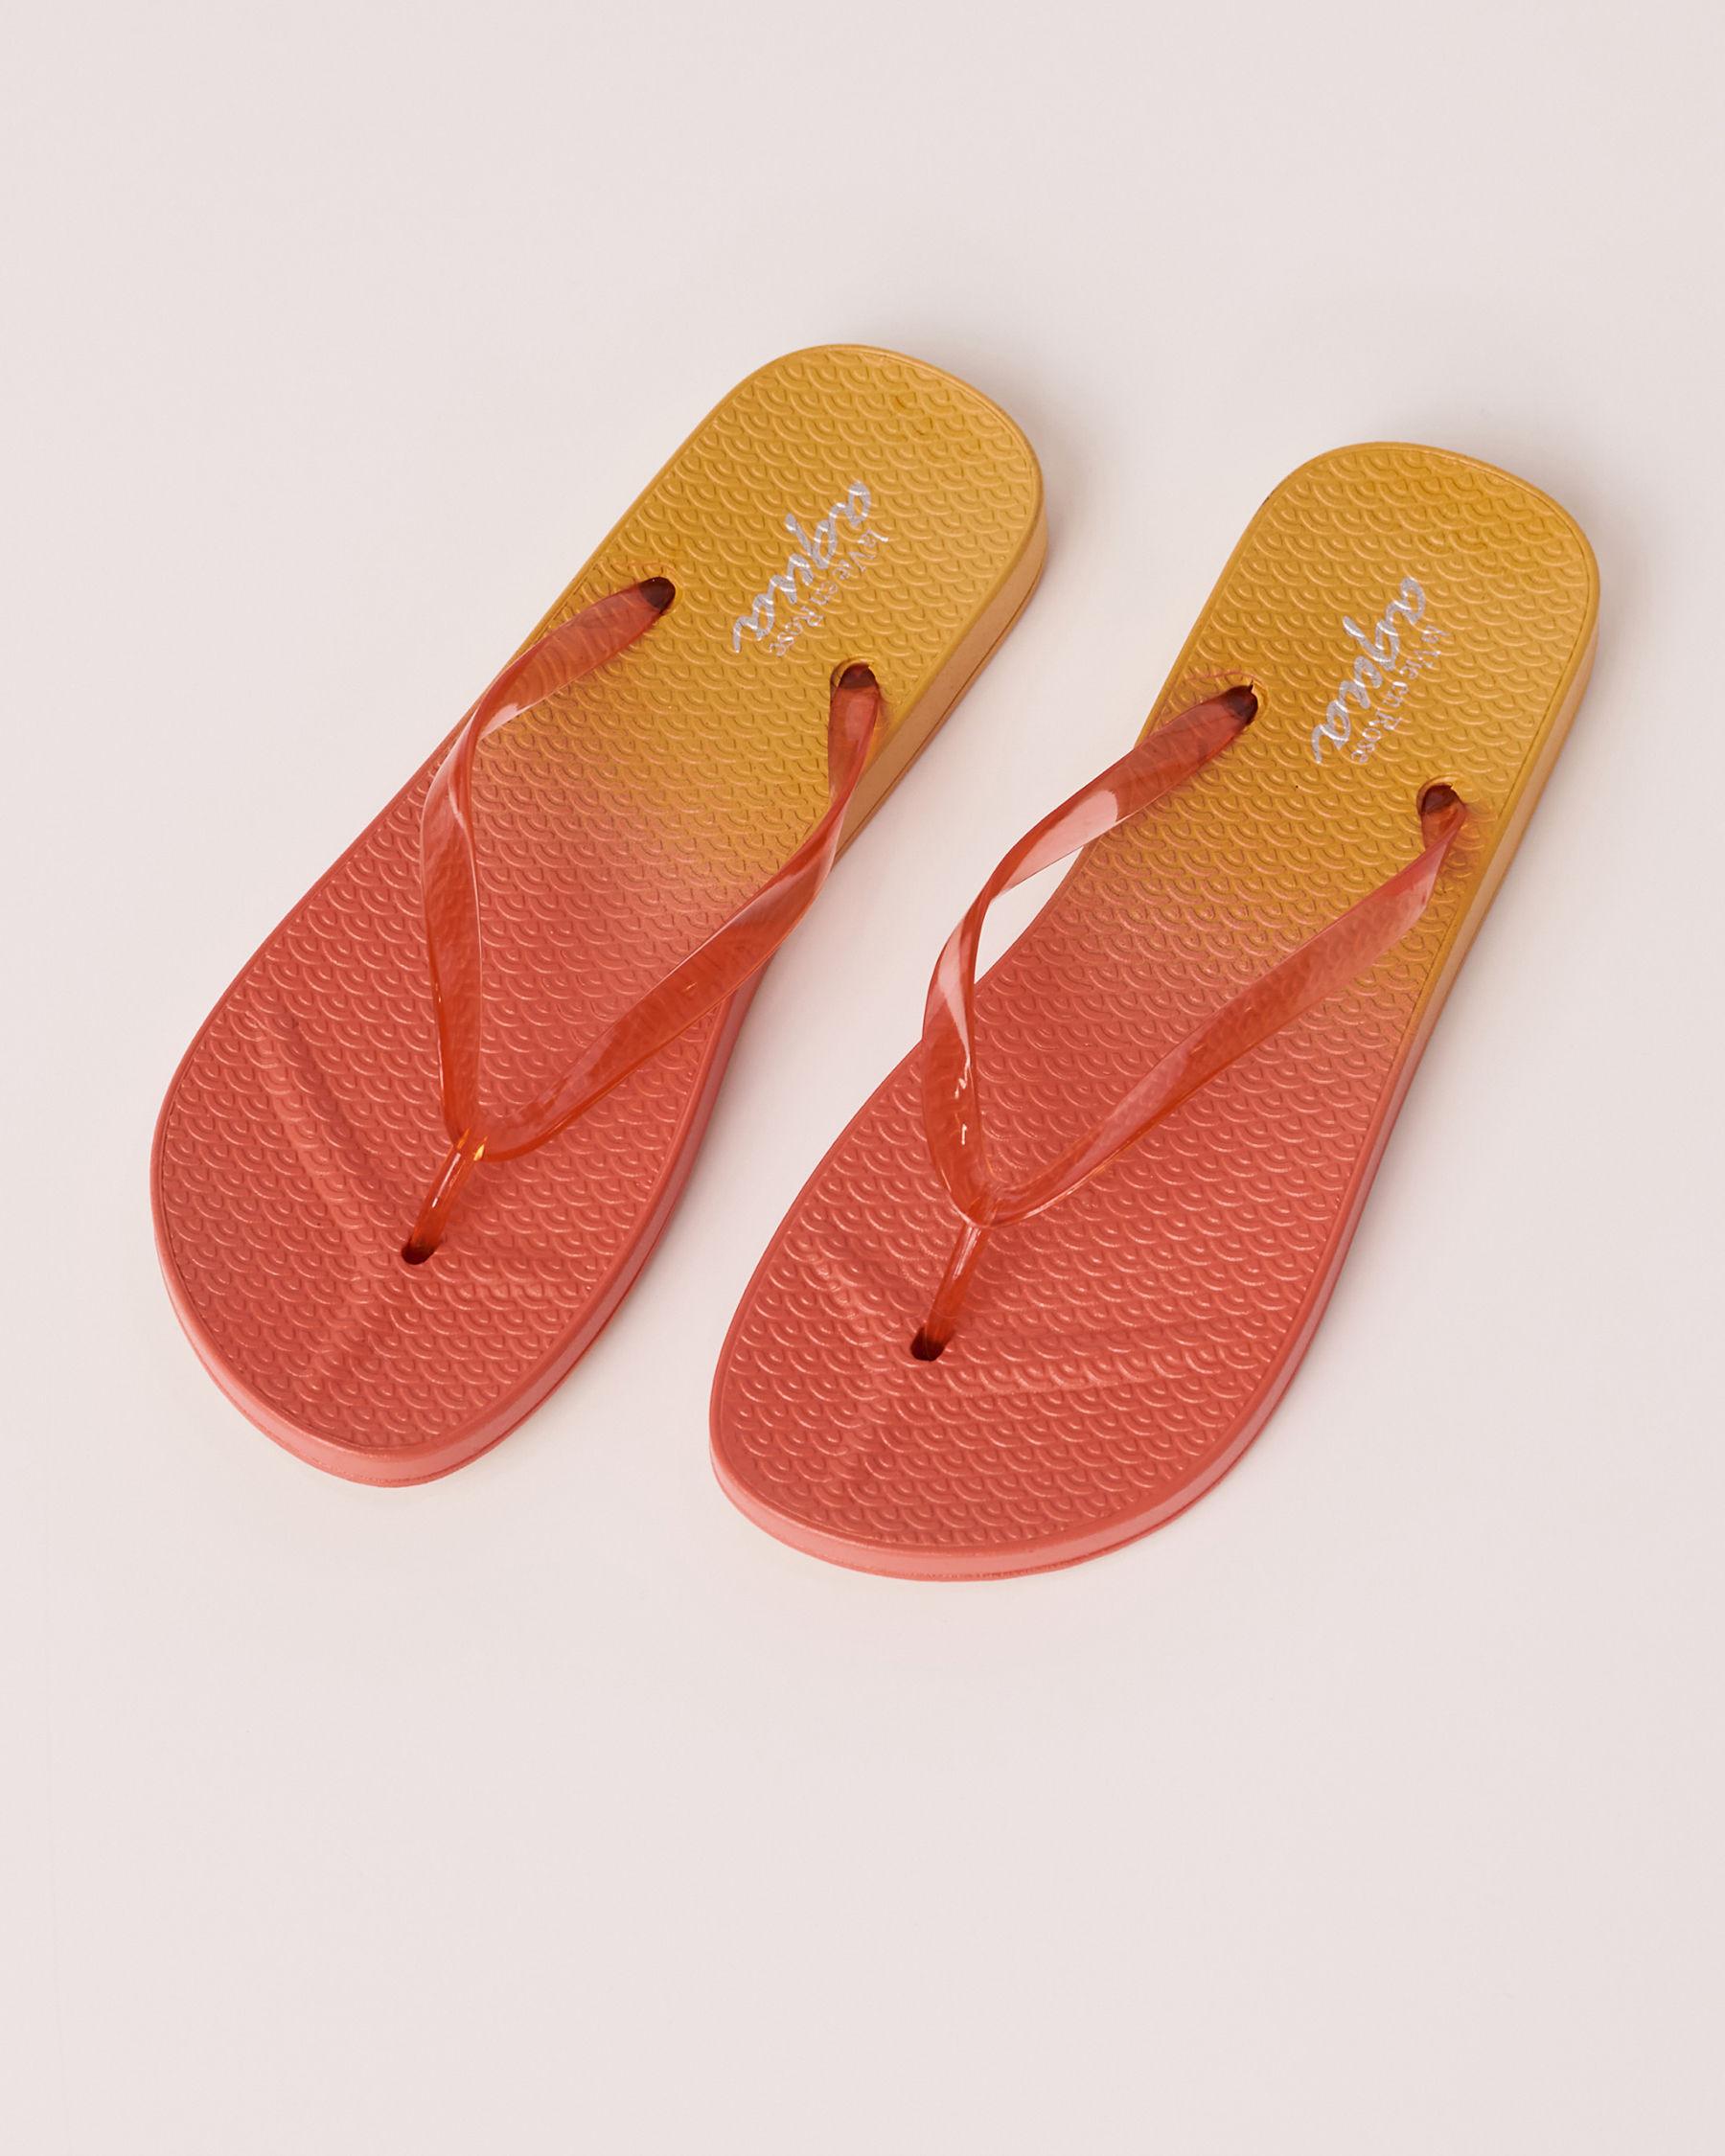 LA VIE EN ROSE AQUA Neon Sandal Yellow 80500013 - View1